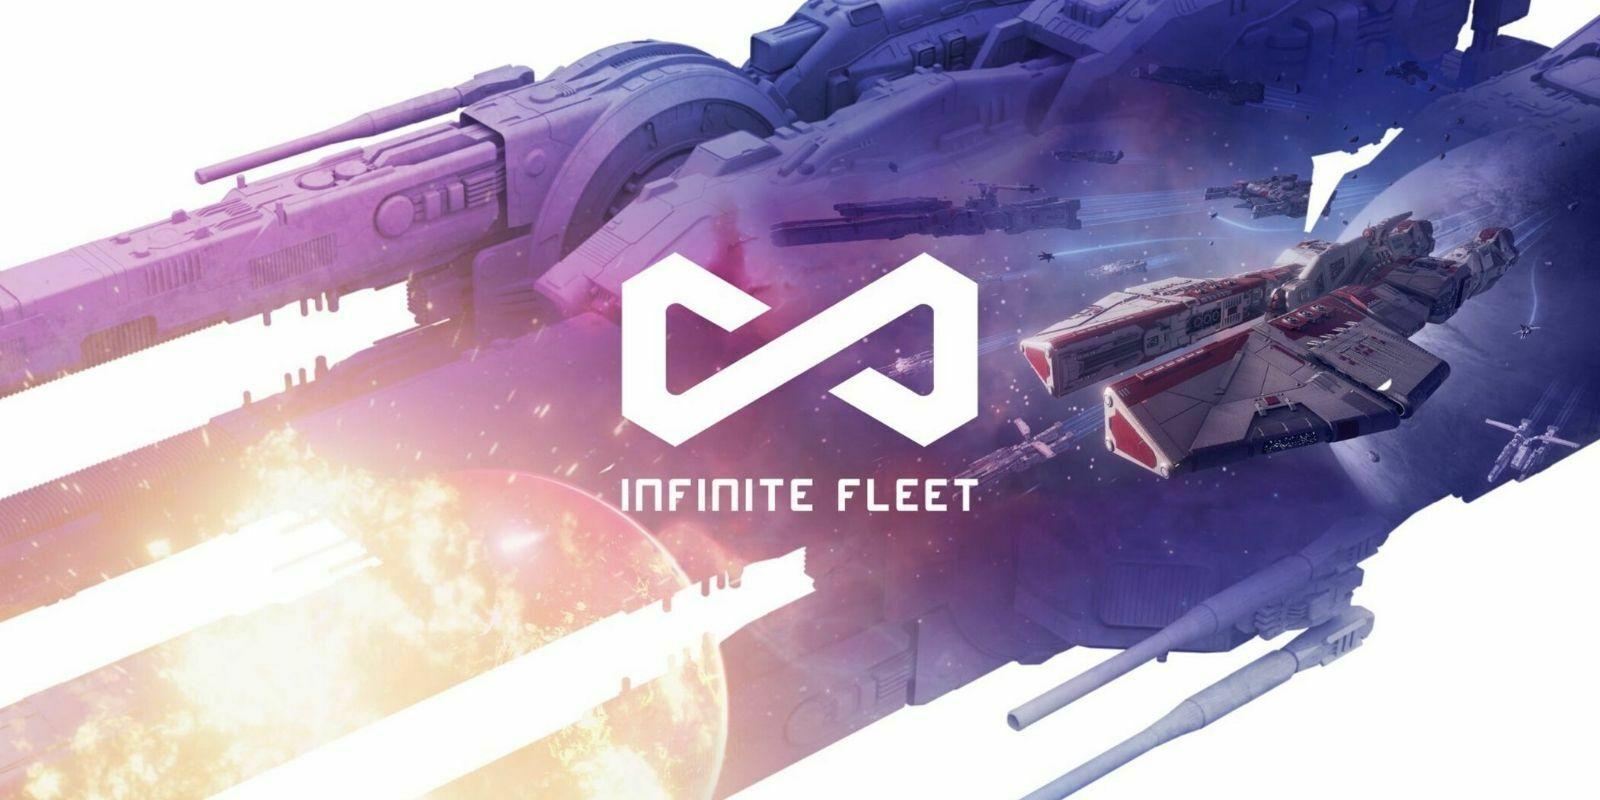 Le jeu blockchain Infinite Fleet lève $3,1M auprès de Charlie Lee et Adam Back